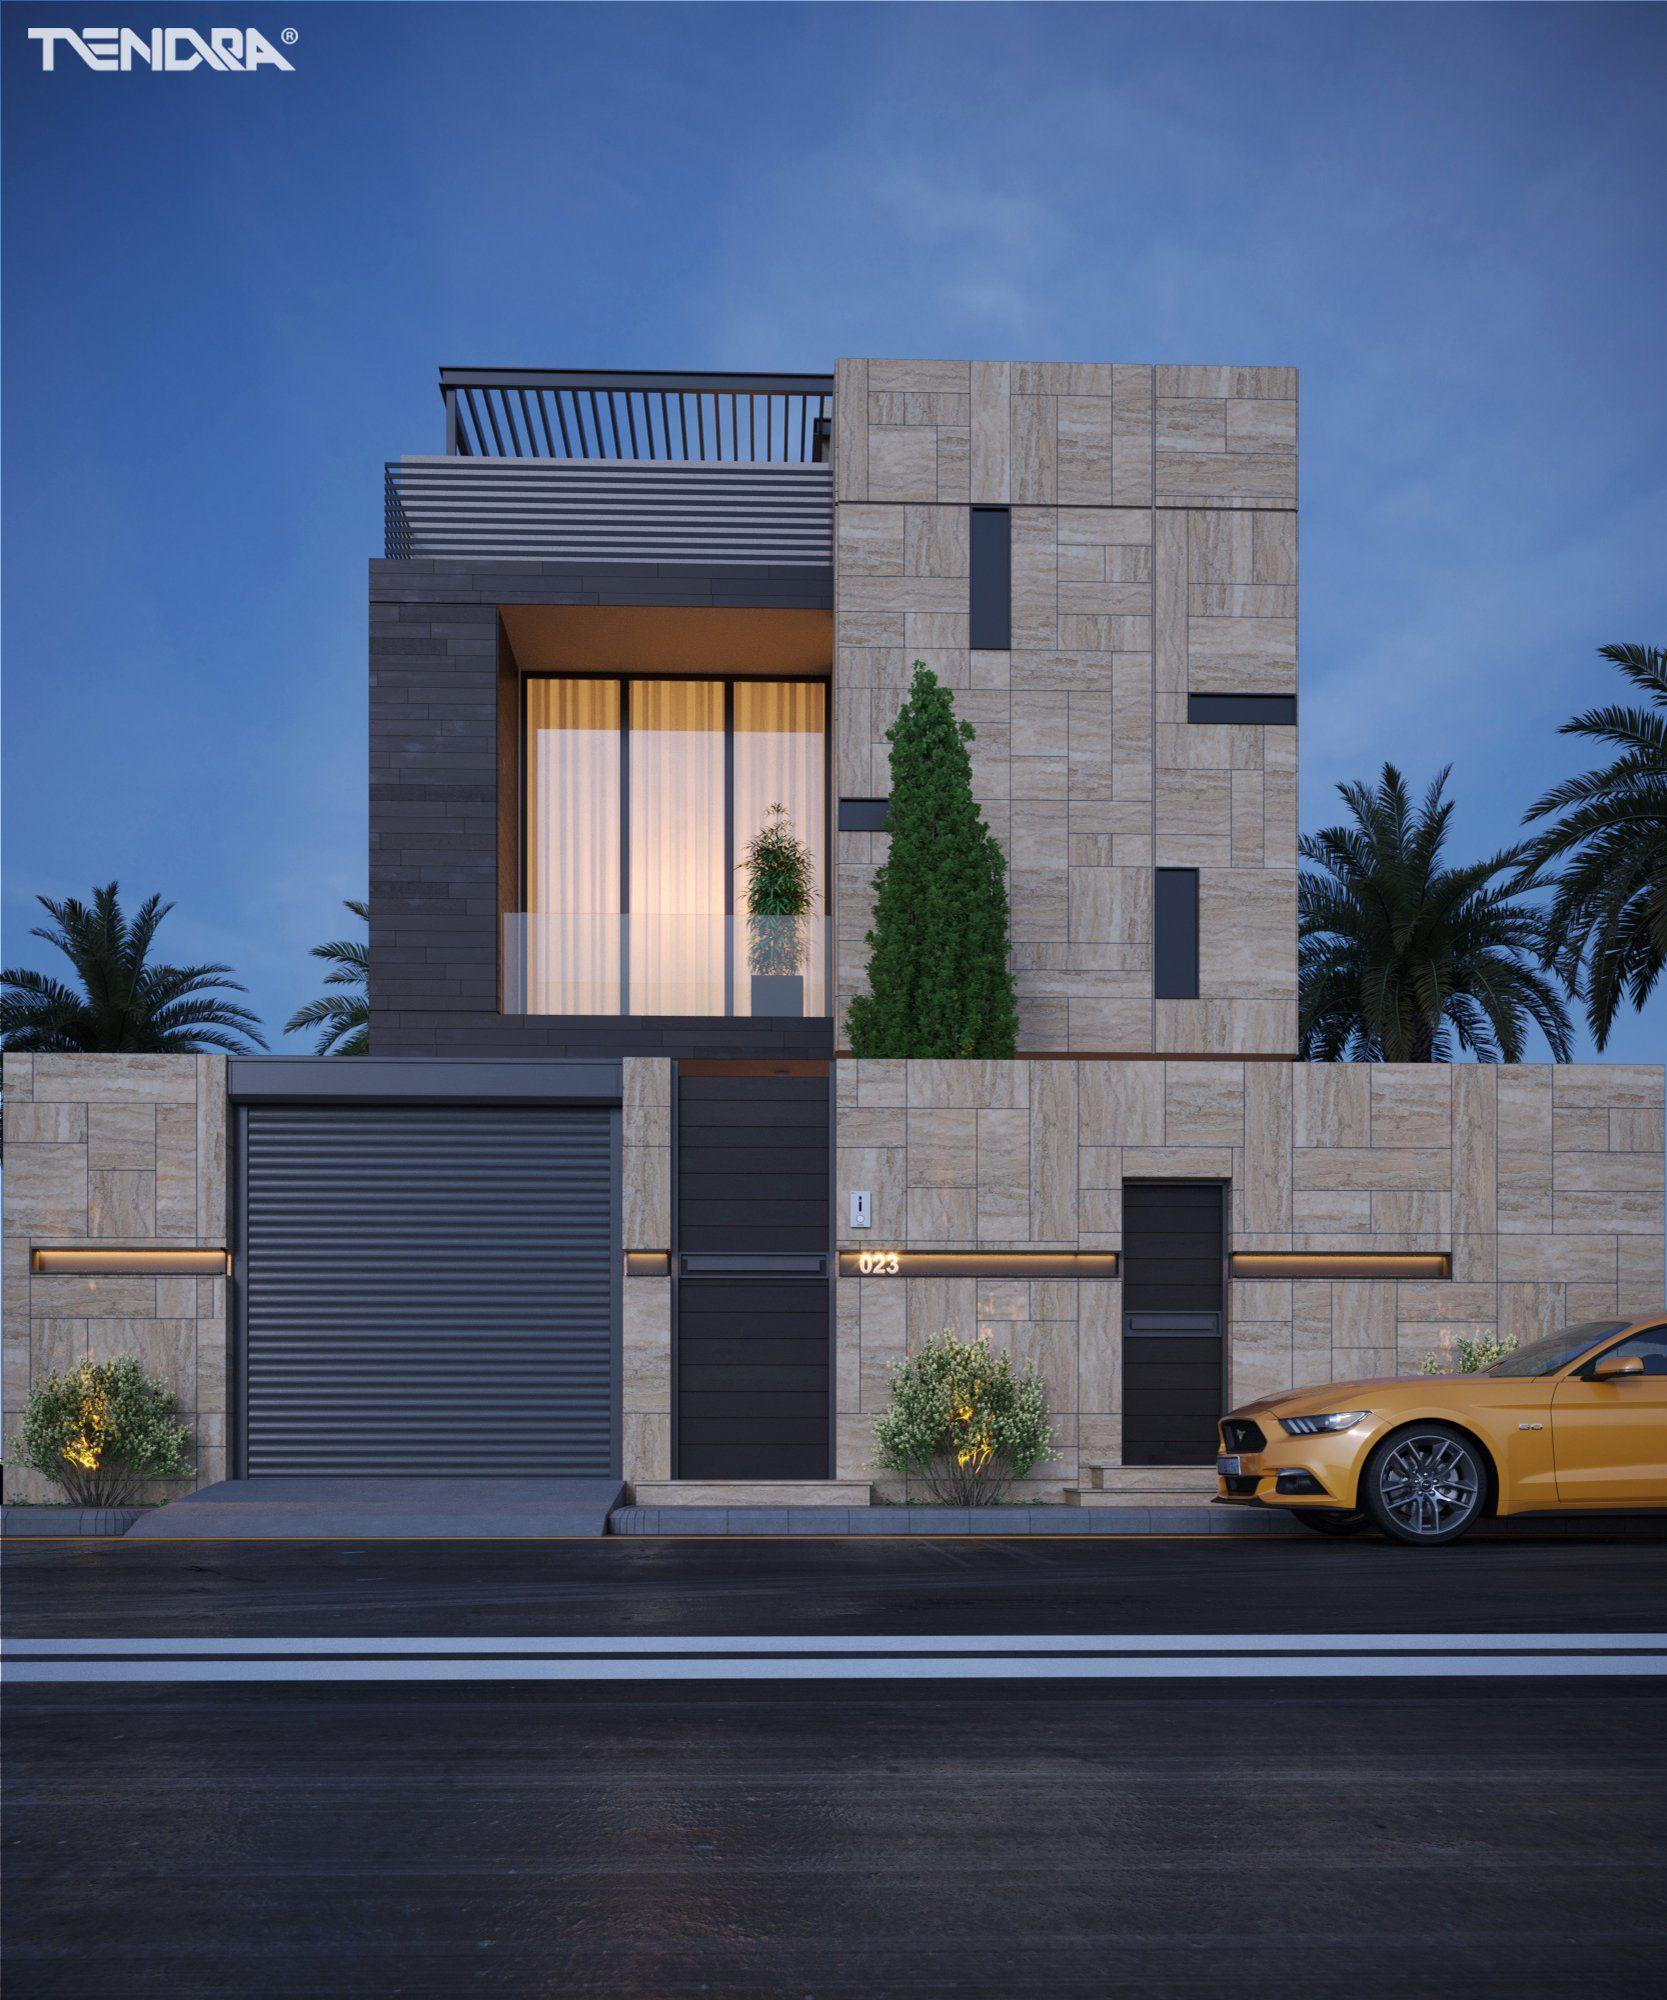 تصميم ديكور Tendra On Twitter House Outside Design Modern House Exterior House Designs Exterior